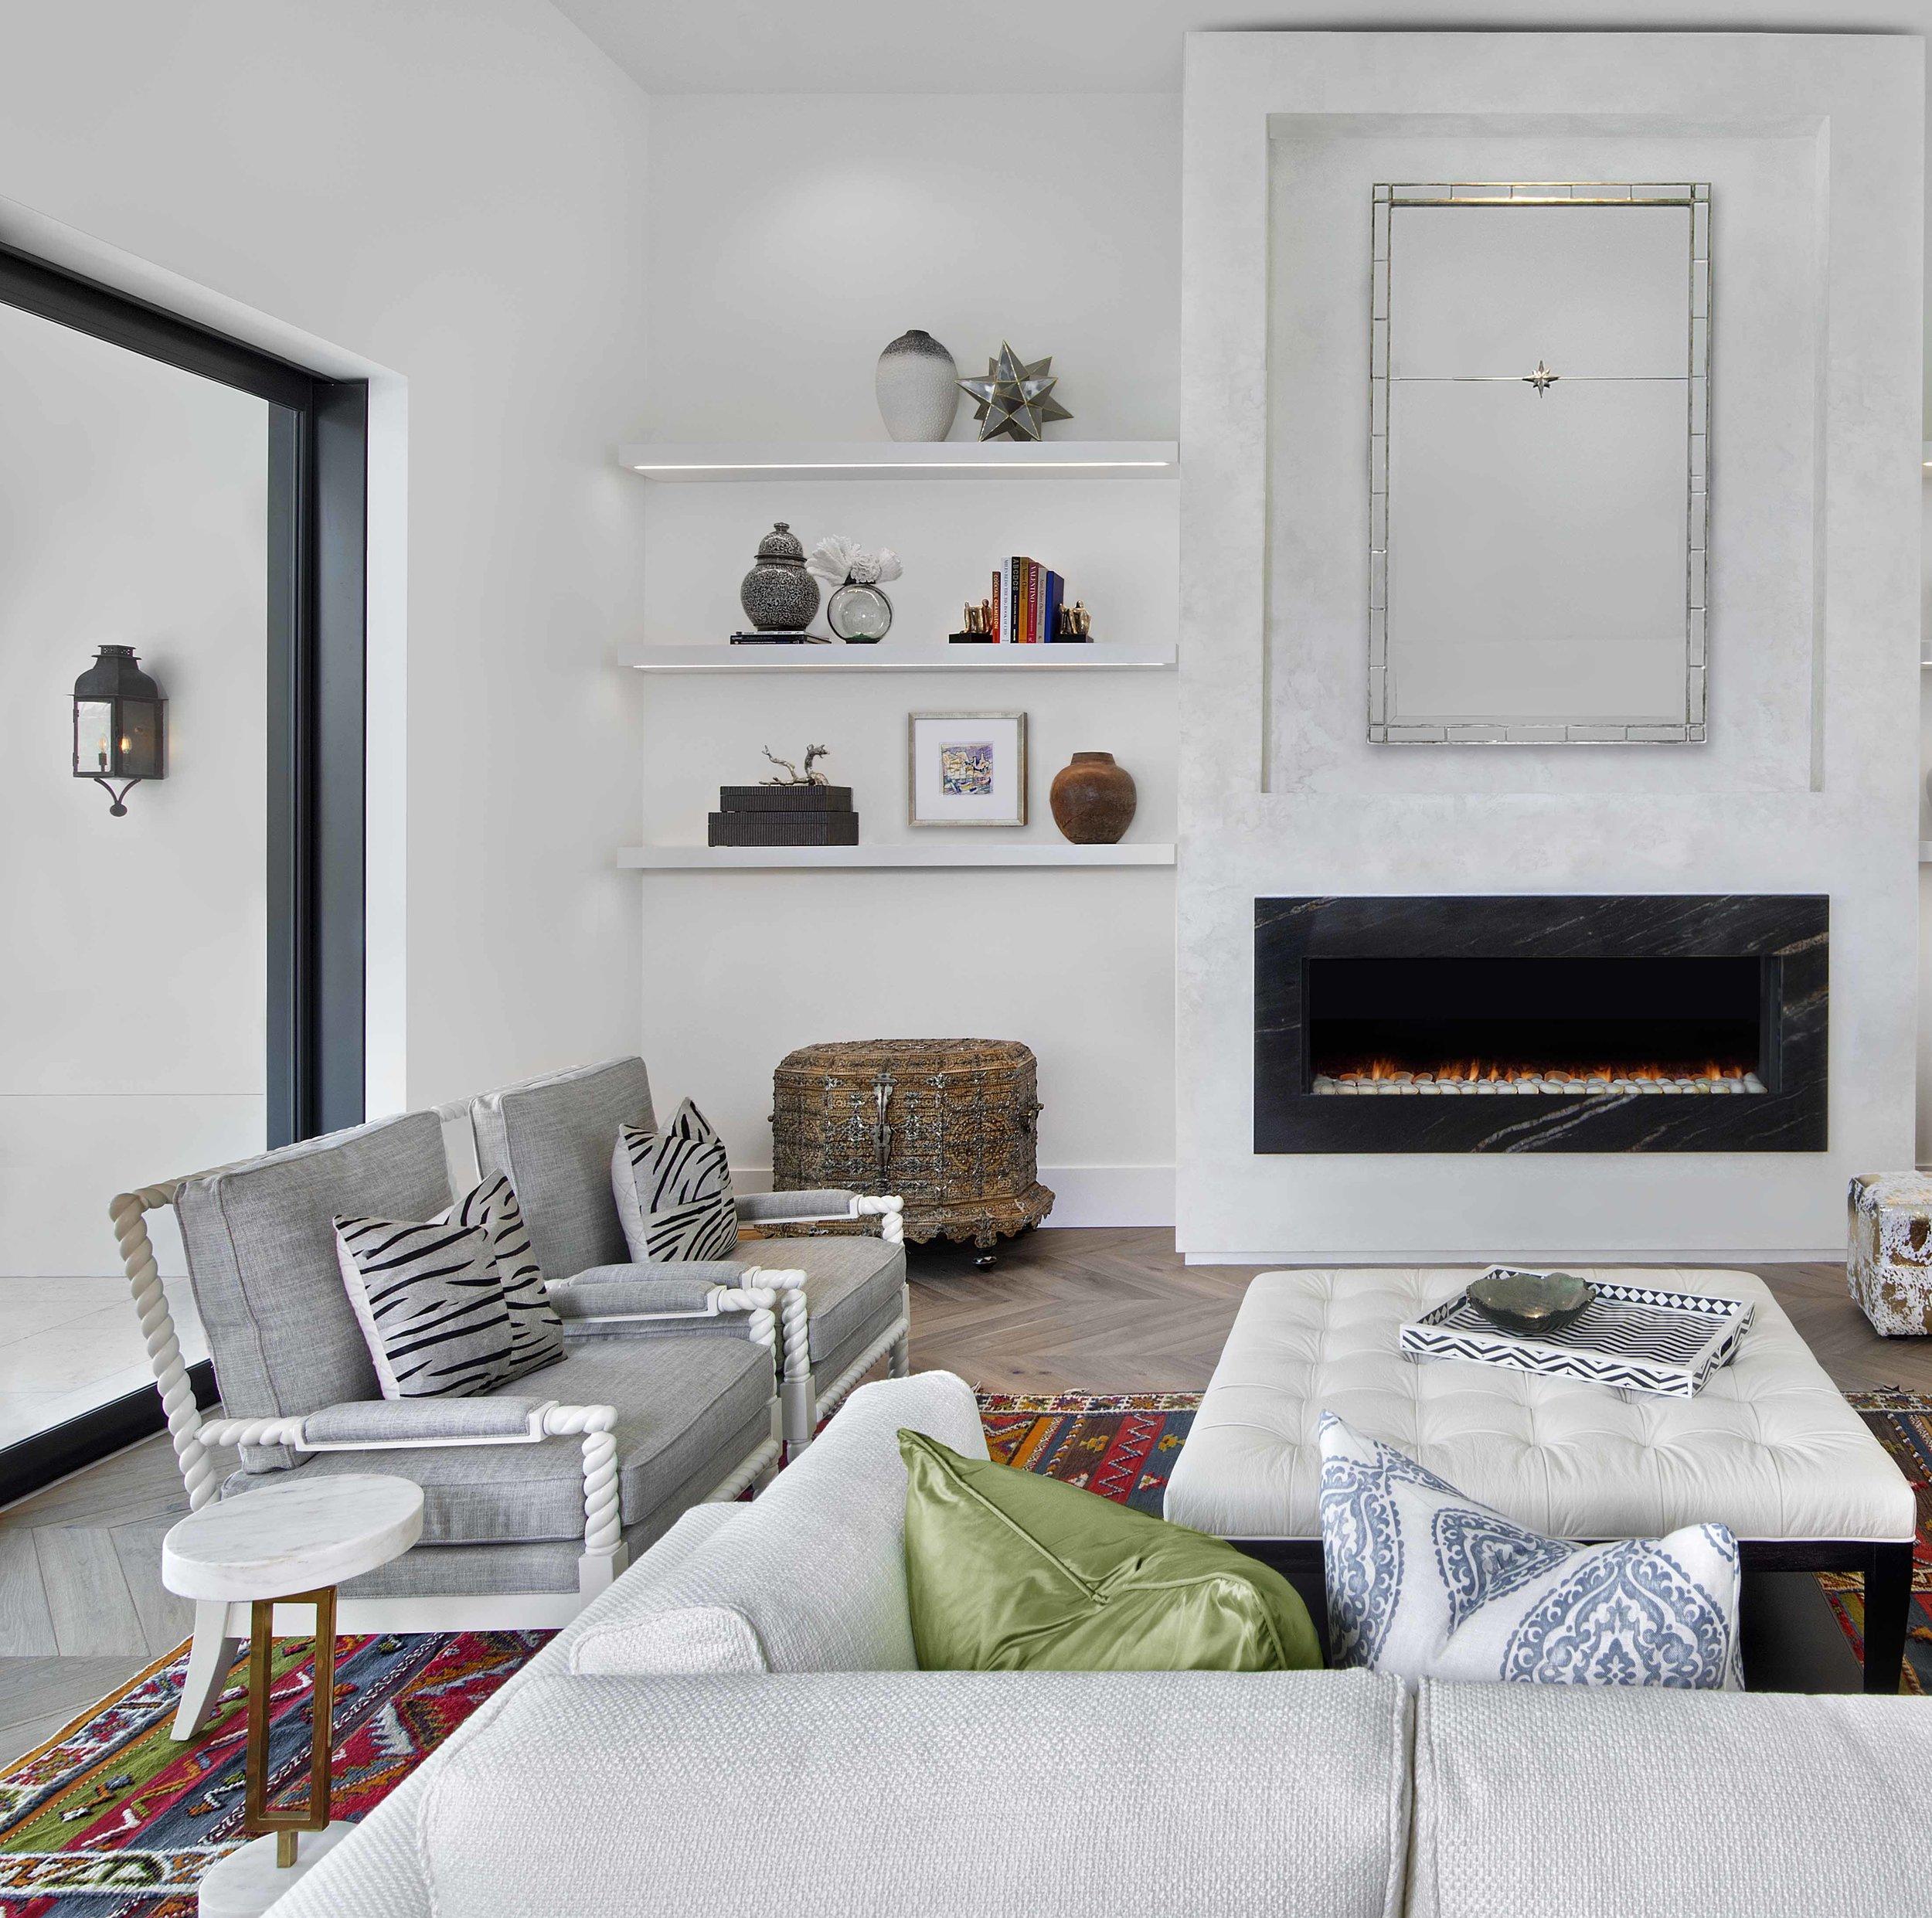 14451 Marsala Living Room 2 V3 web.jpg